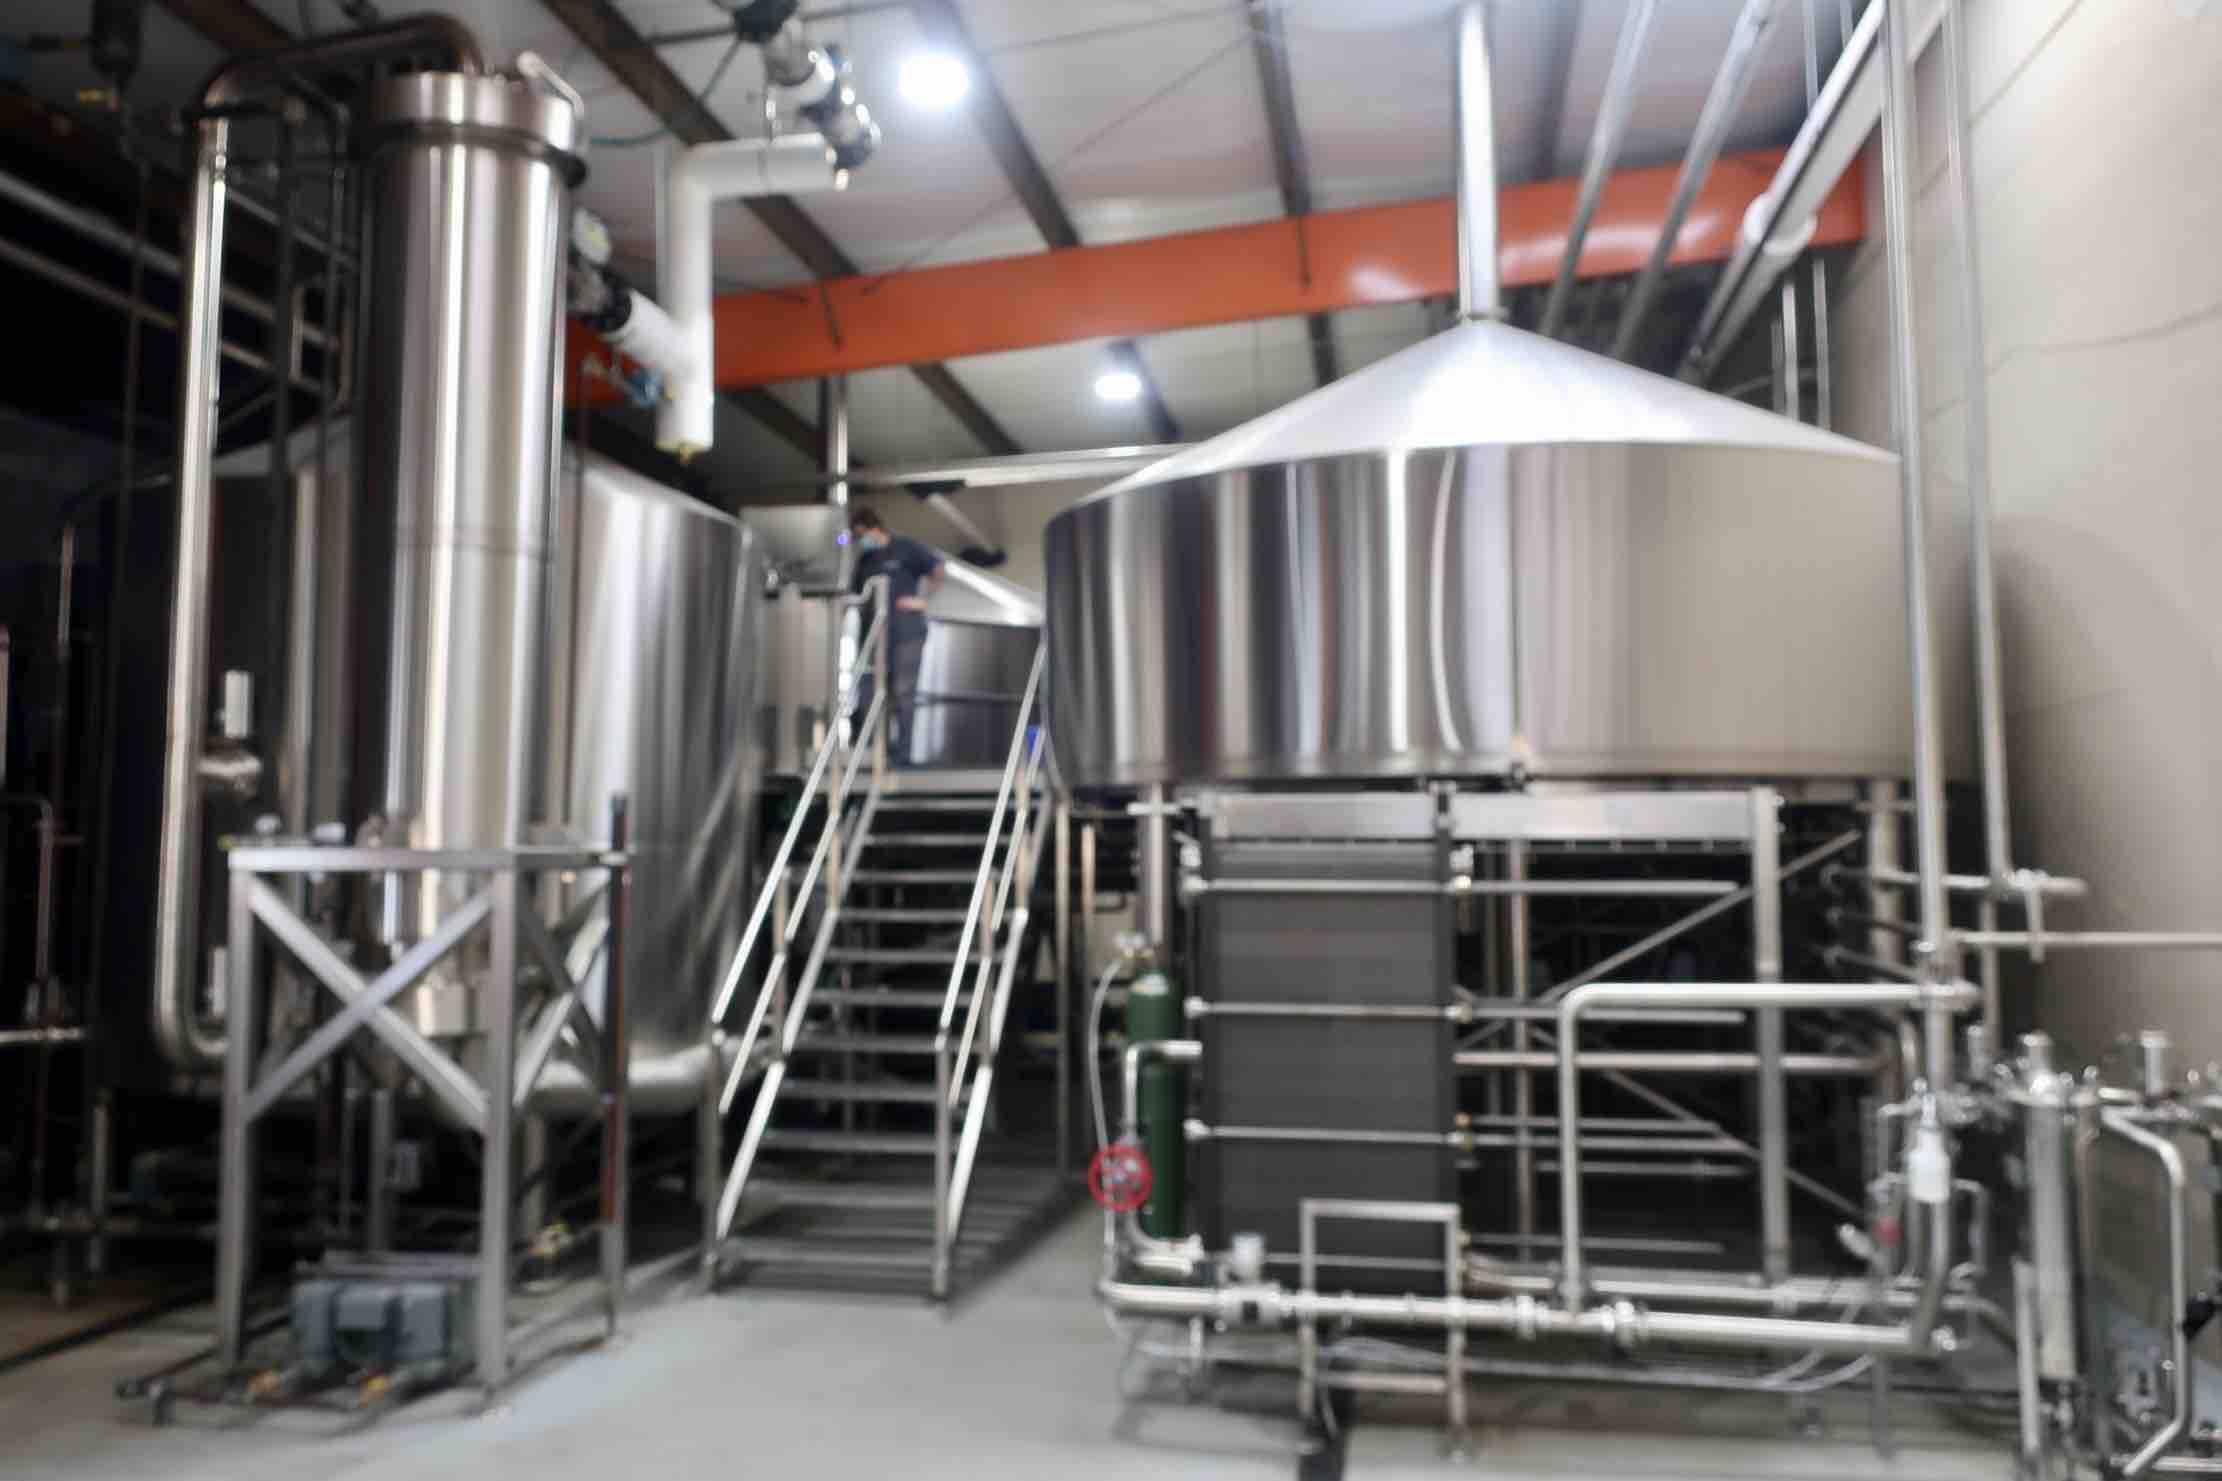 The 90-barrel Konig build brewhouse at Pelican Brewing in Tillamook, Oregon.